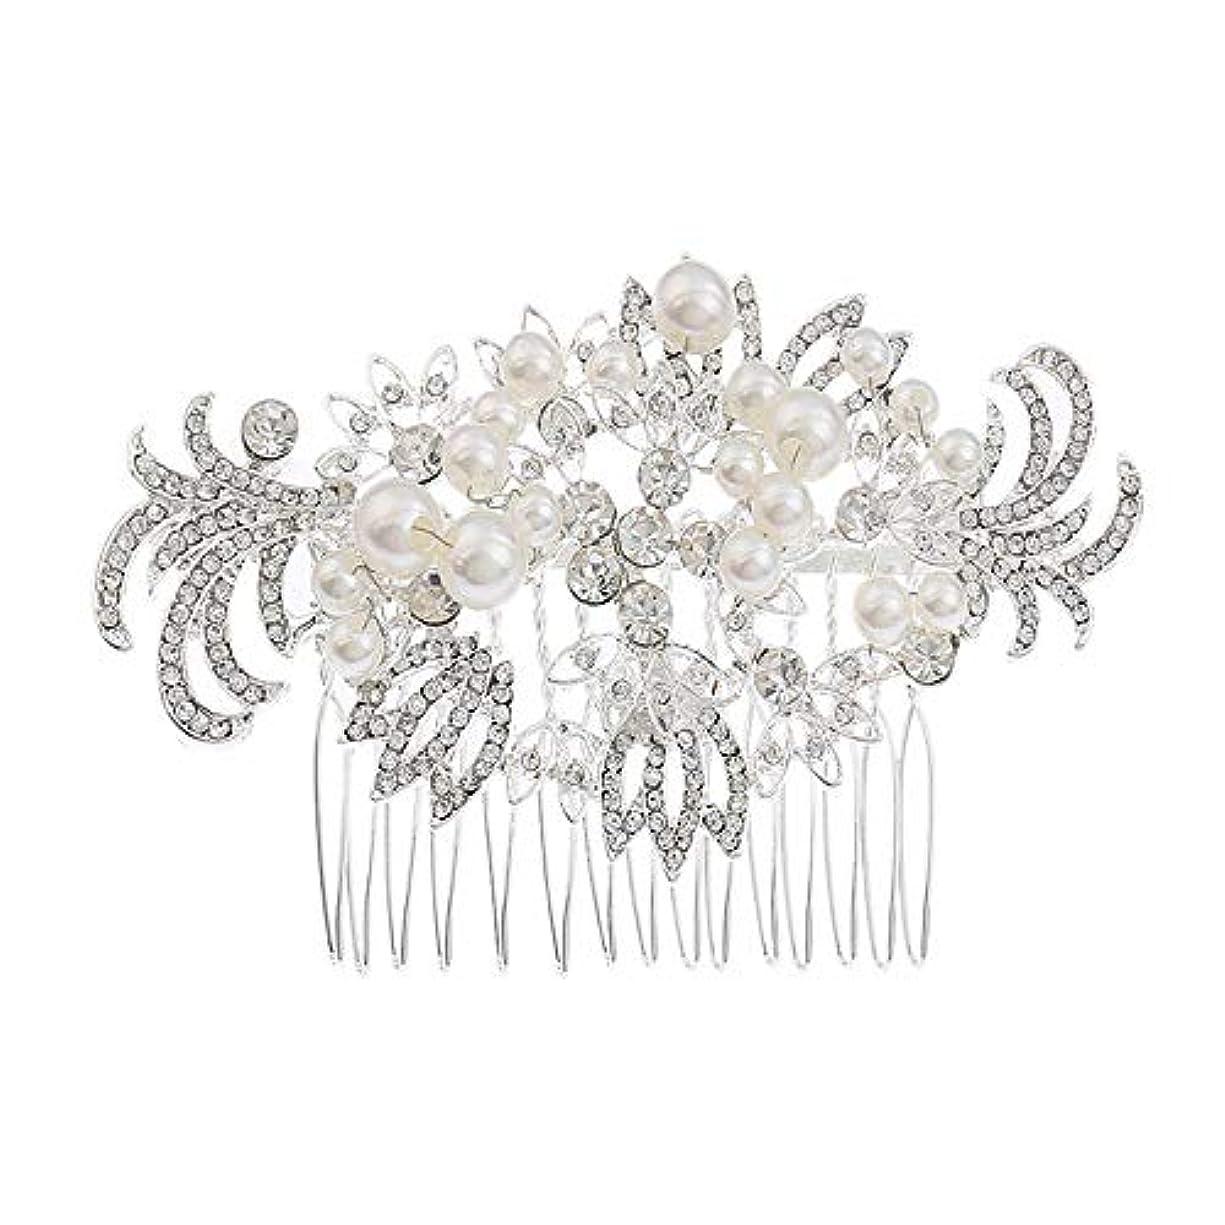 代表団耐久ミット髪の櫛挿入櫛花嫁の髪櫛真珠の髪の櫛ラインストーンの髪の櫛結婚式のヘアアクセサリー合金の帽子ブライダルヘッドドレス